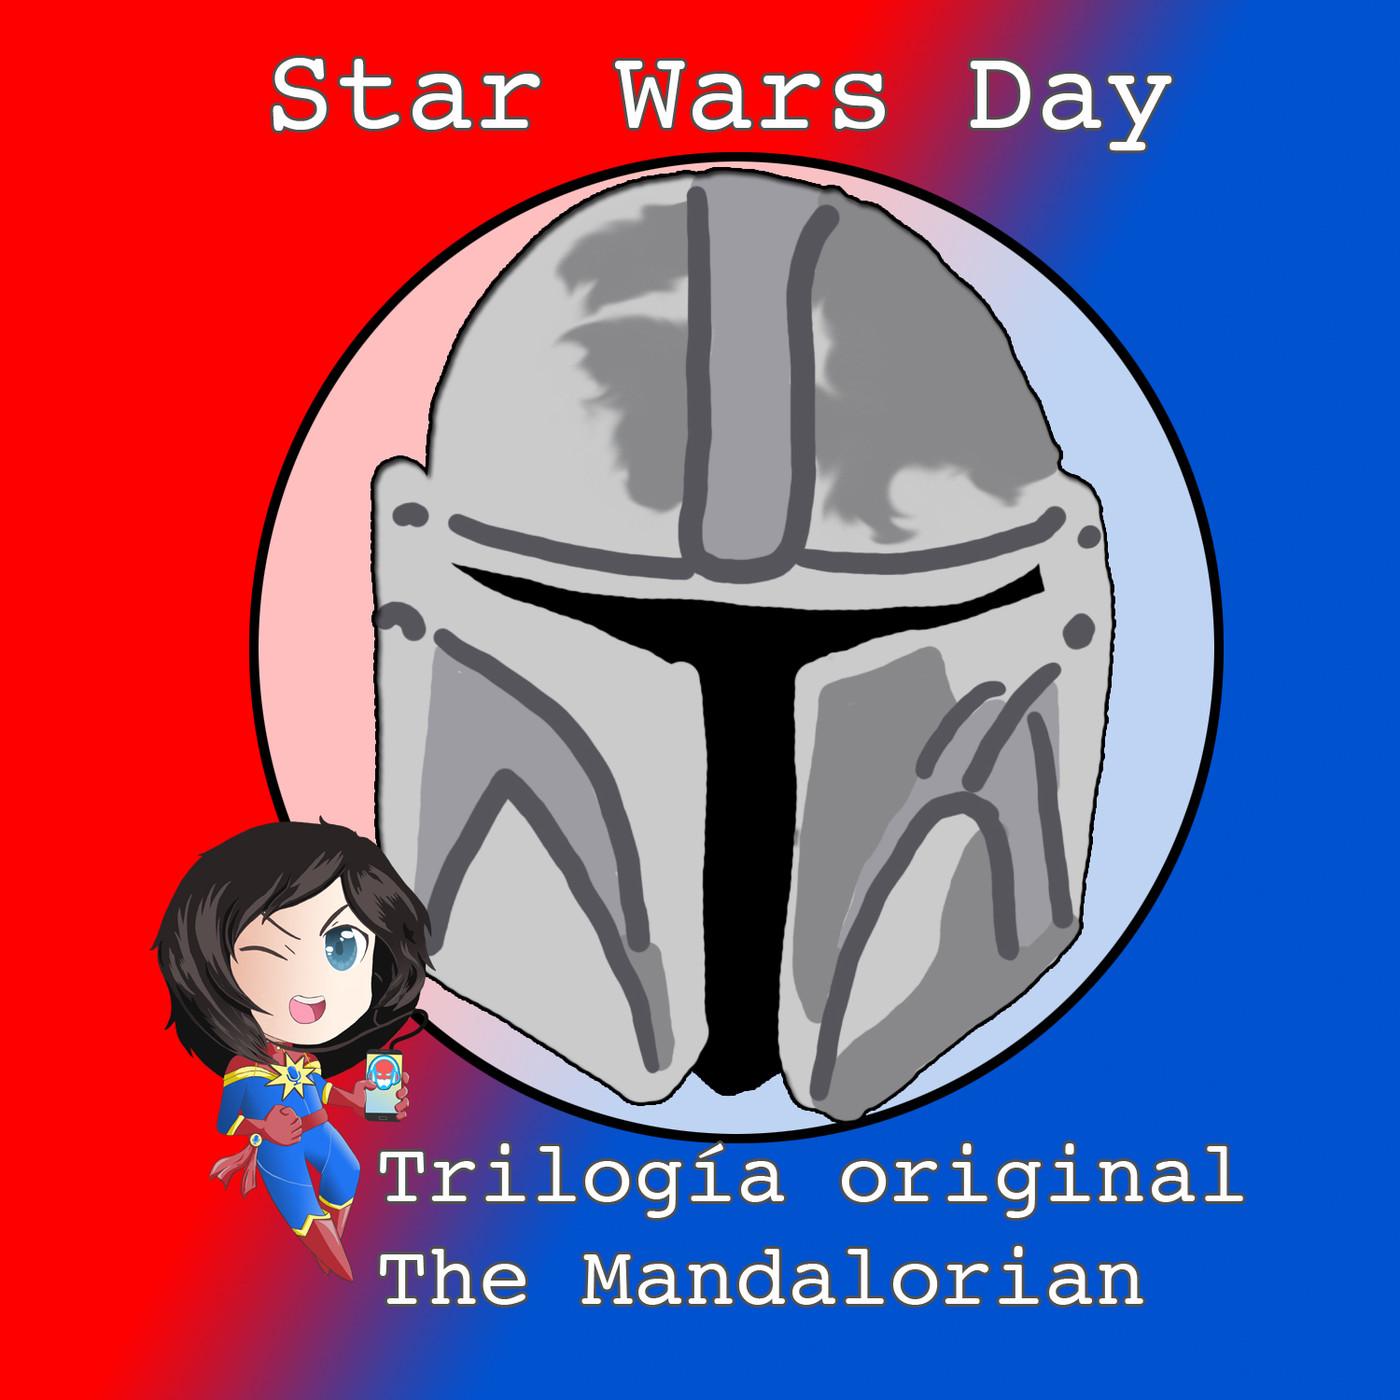 #MarvelianaTecno Celebrando el #StarWarsDay. Trilogía Original y #TheMandalorian